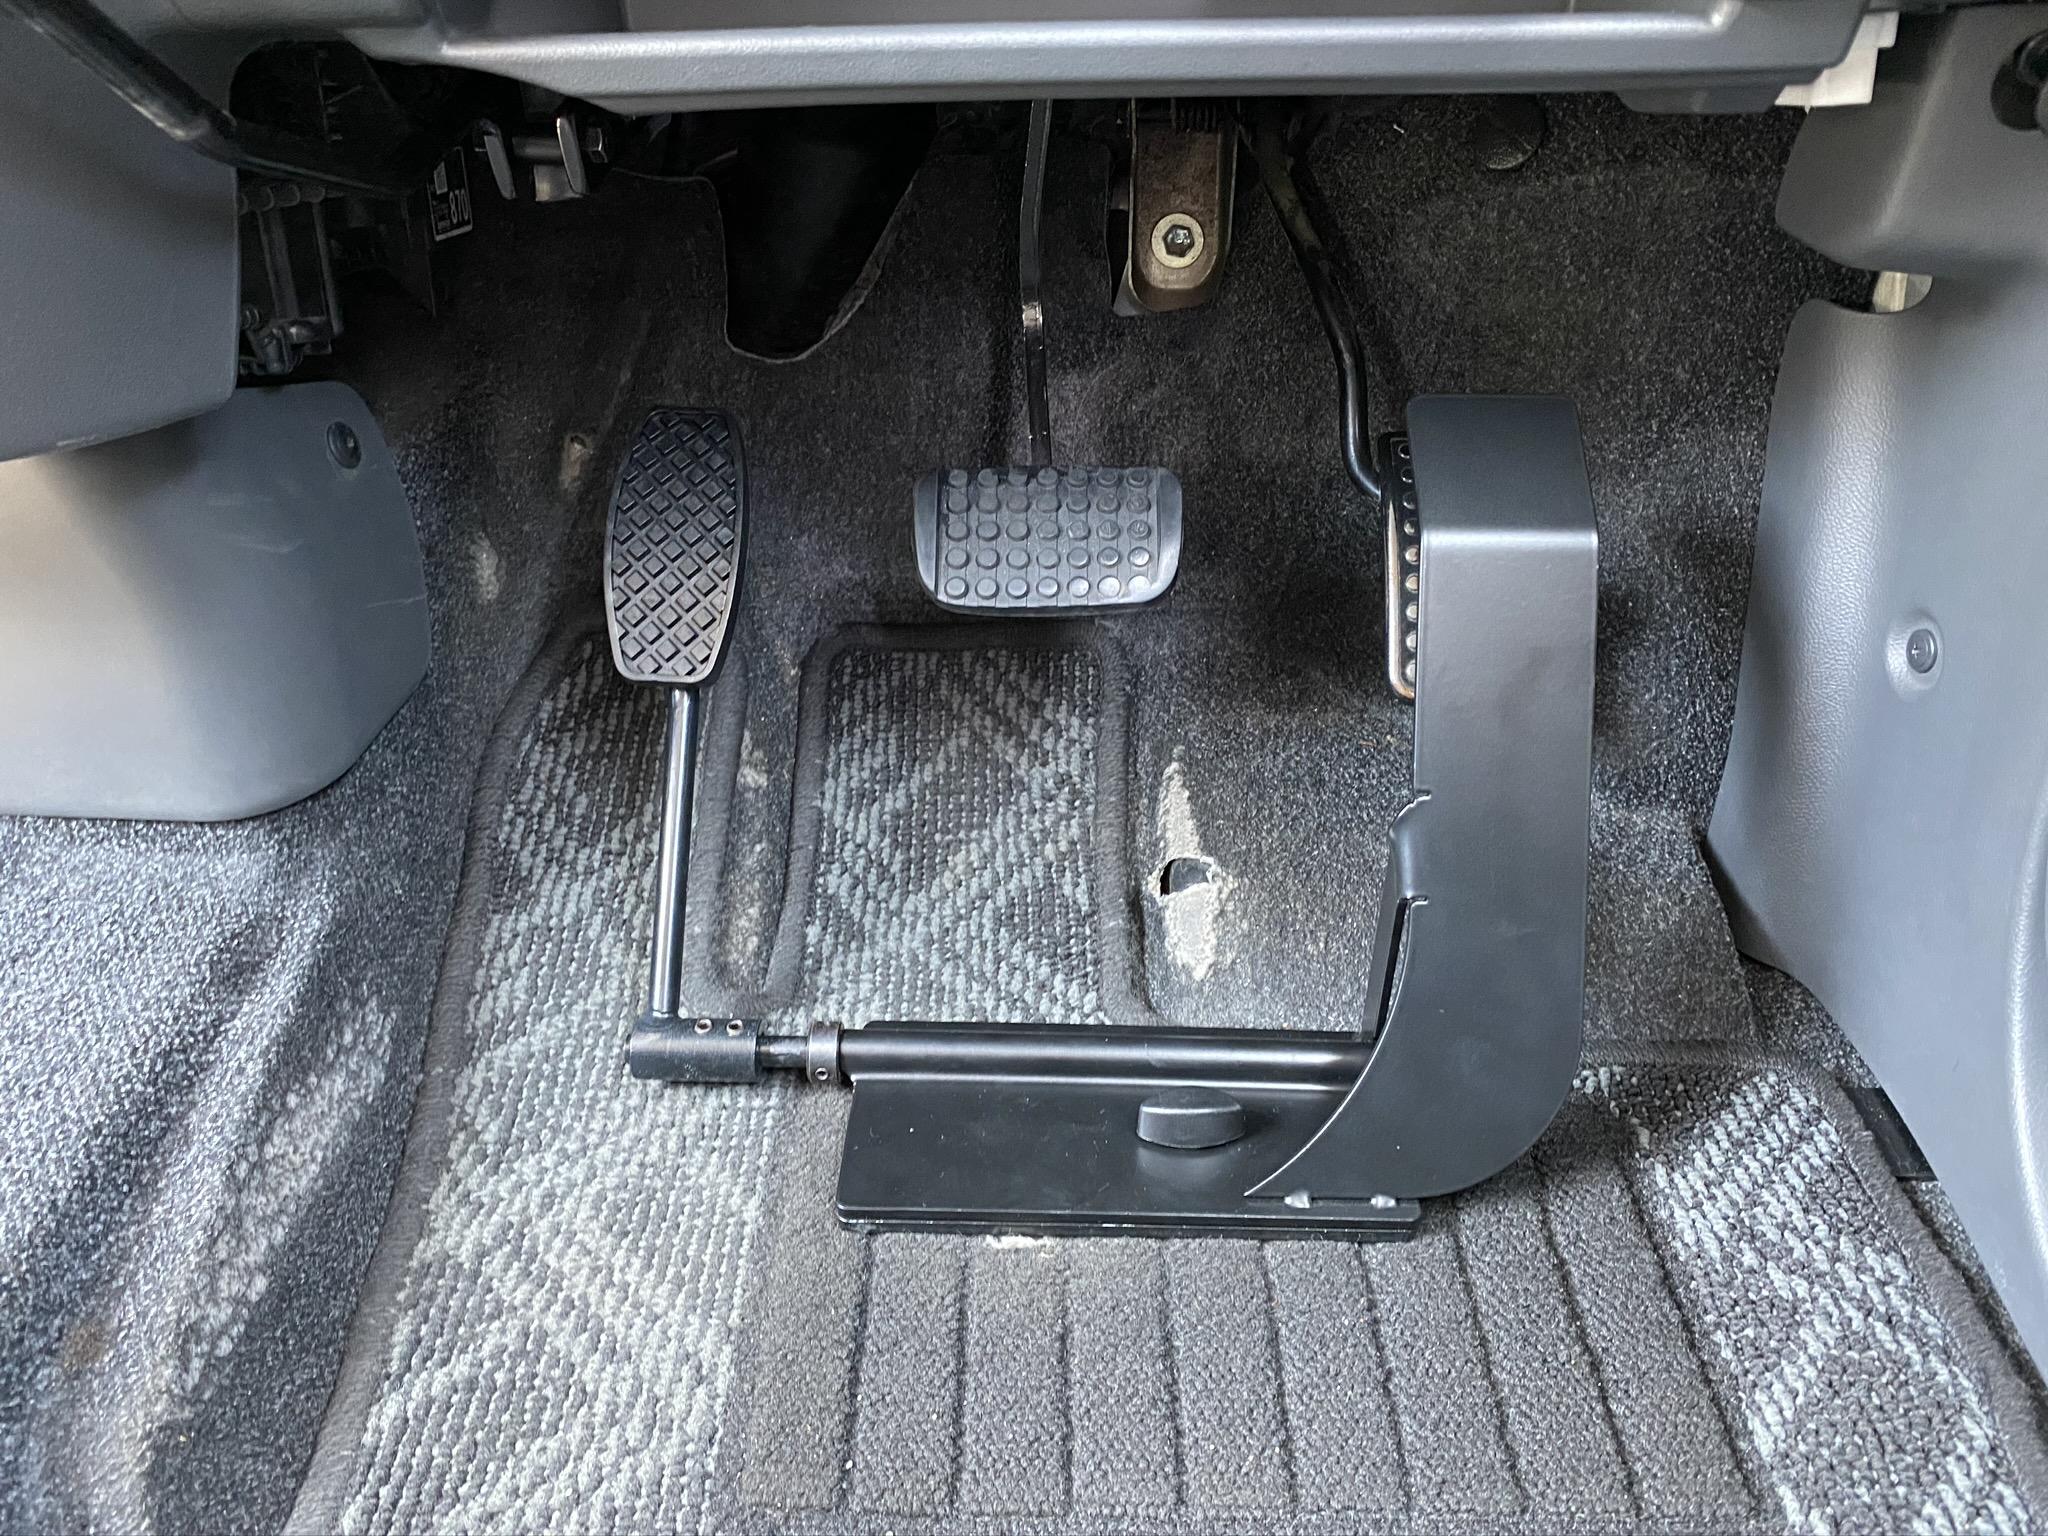 福祉車両改造 ダイハツ タント 左足アクセル 福祉車両への改造 ⑥